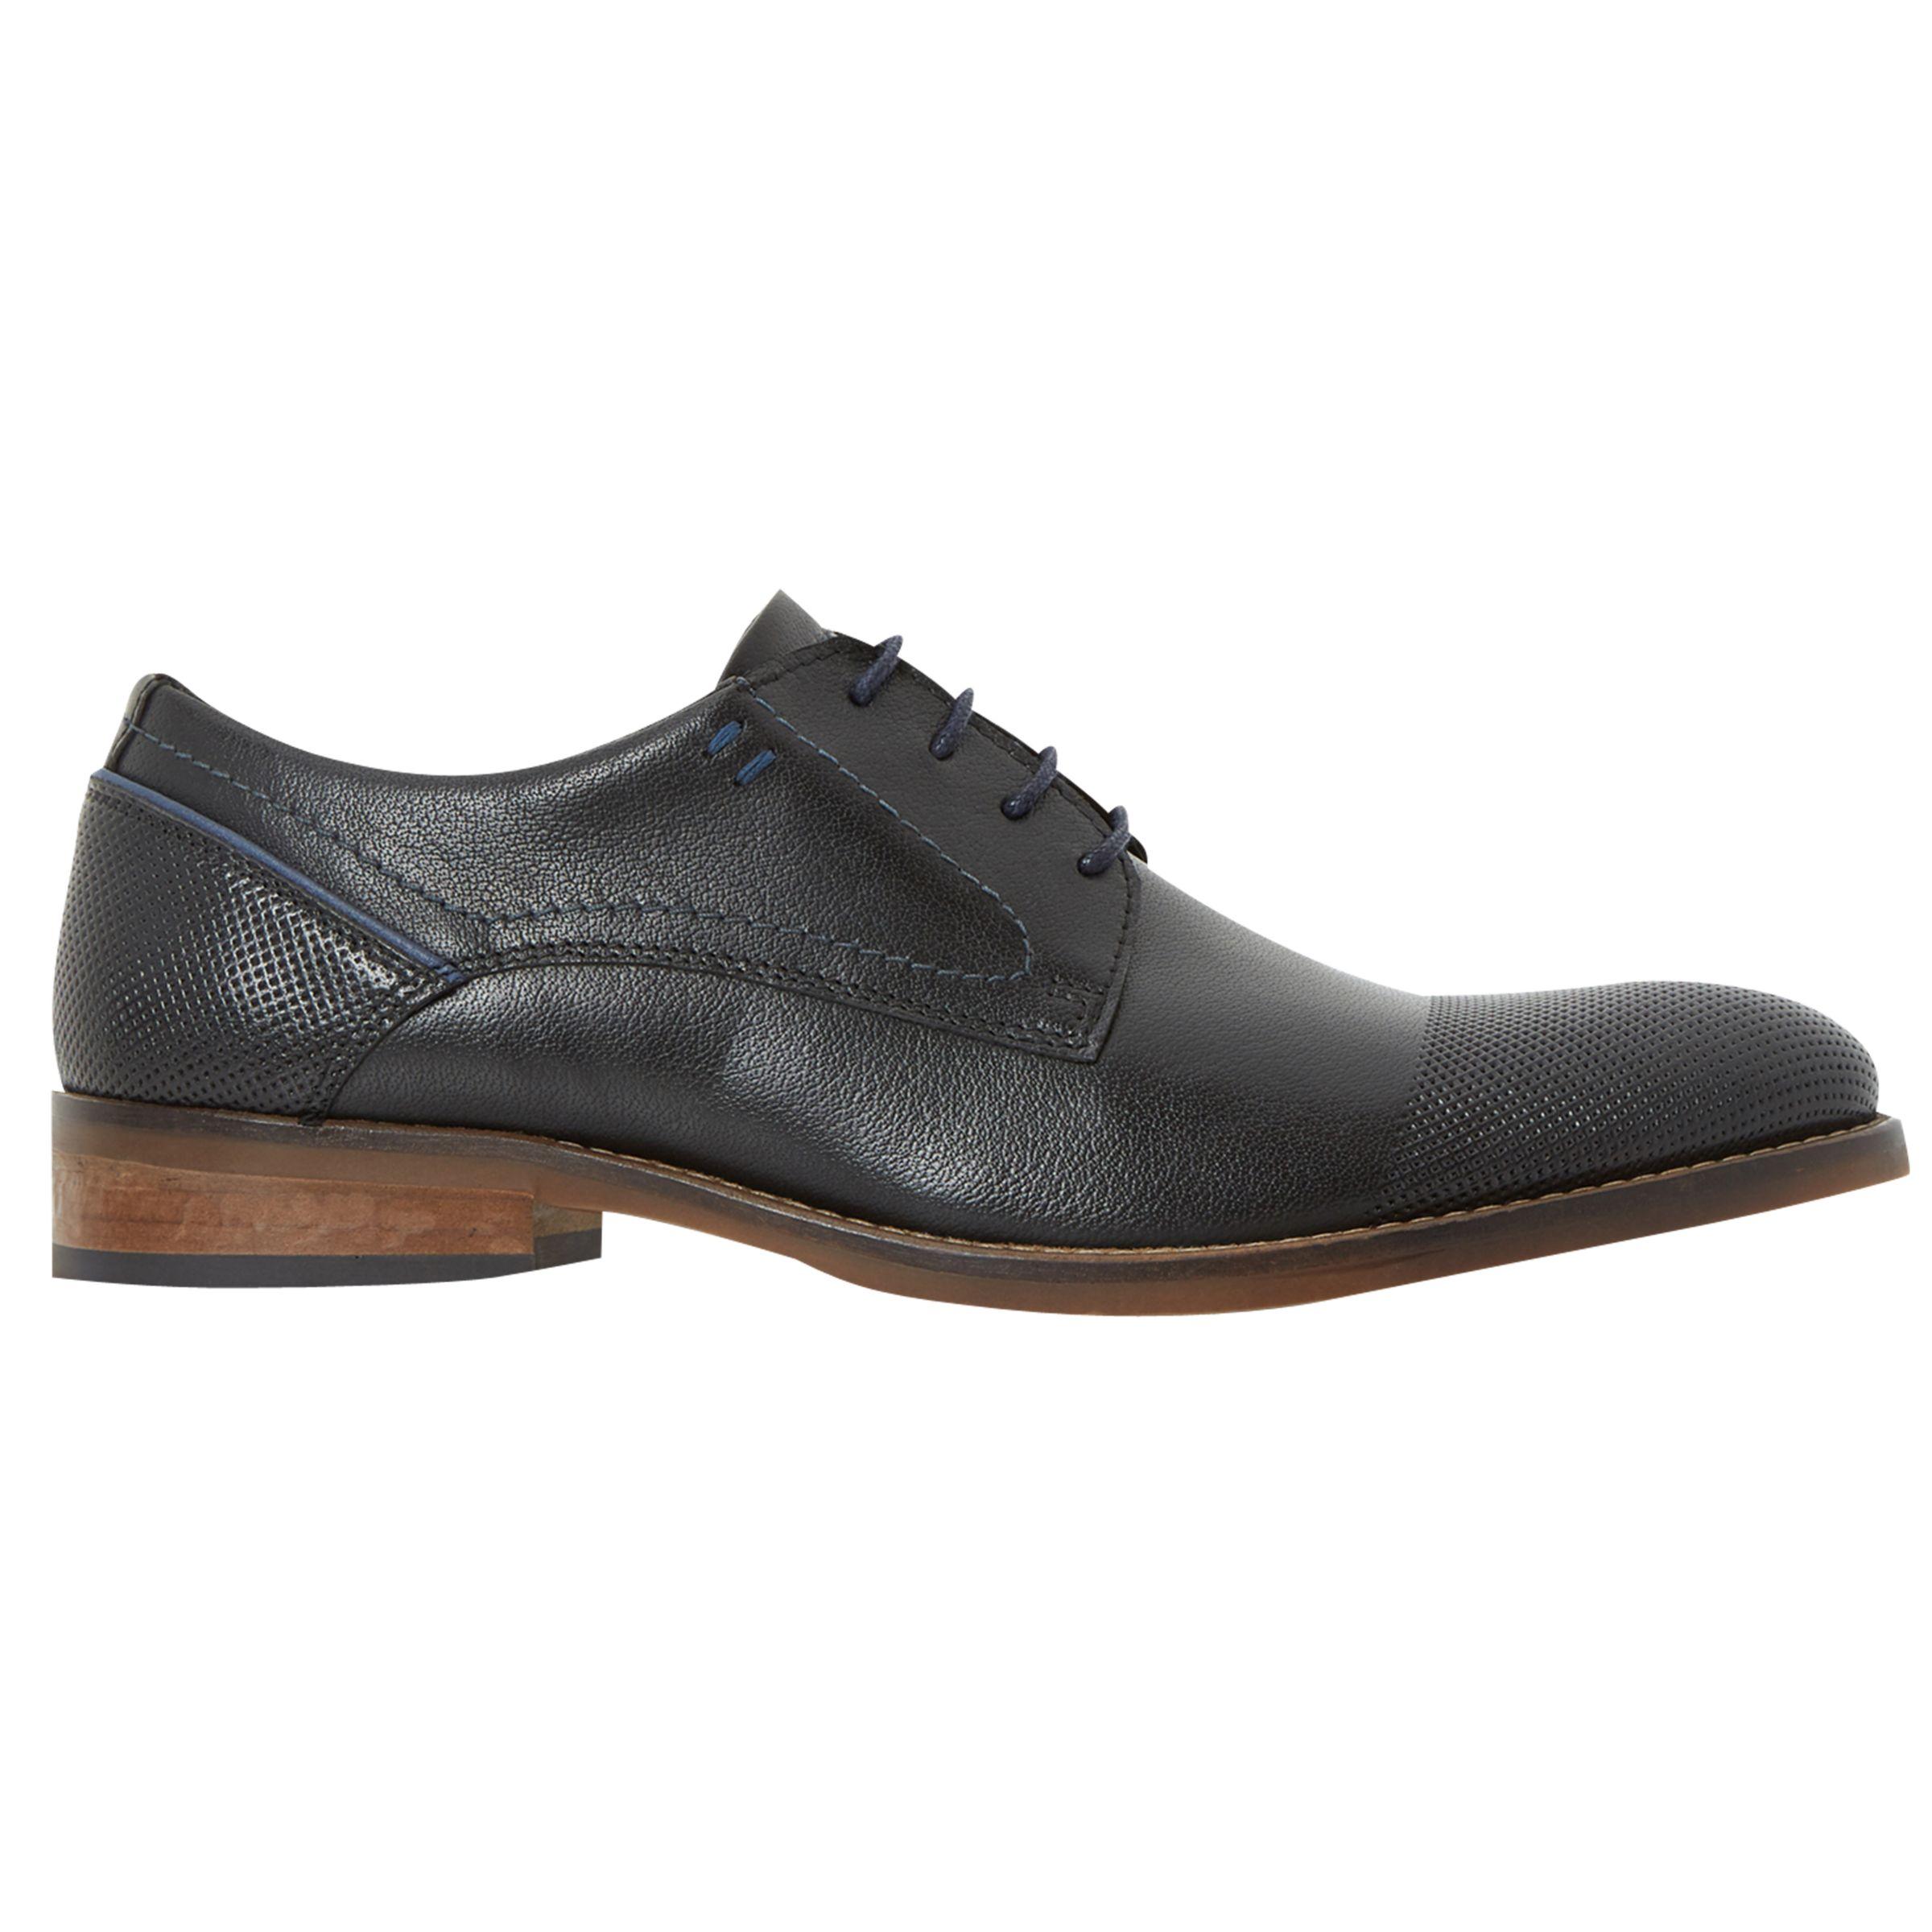 Bertie Bertie Bassline Derby Shoes